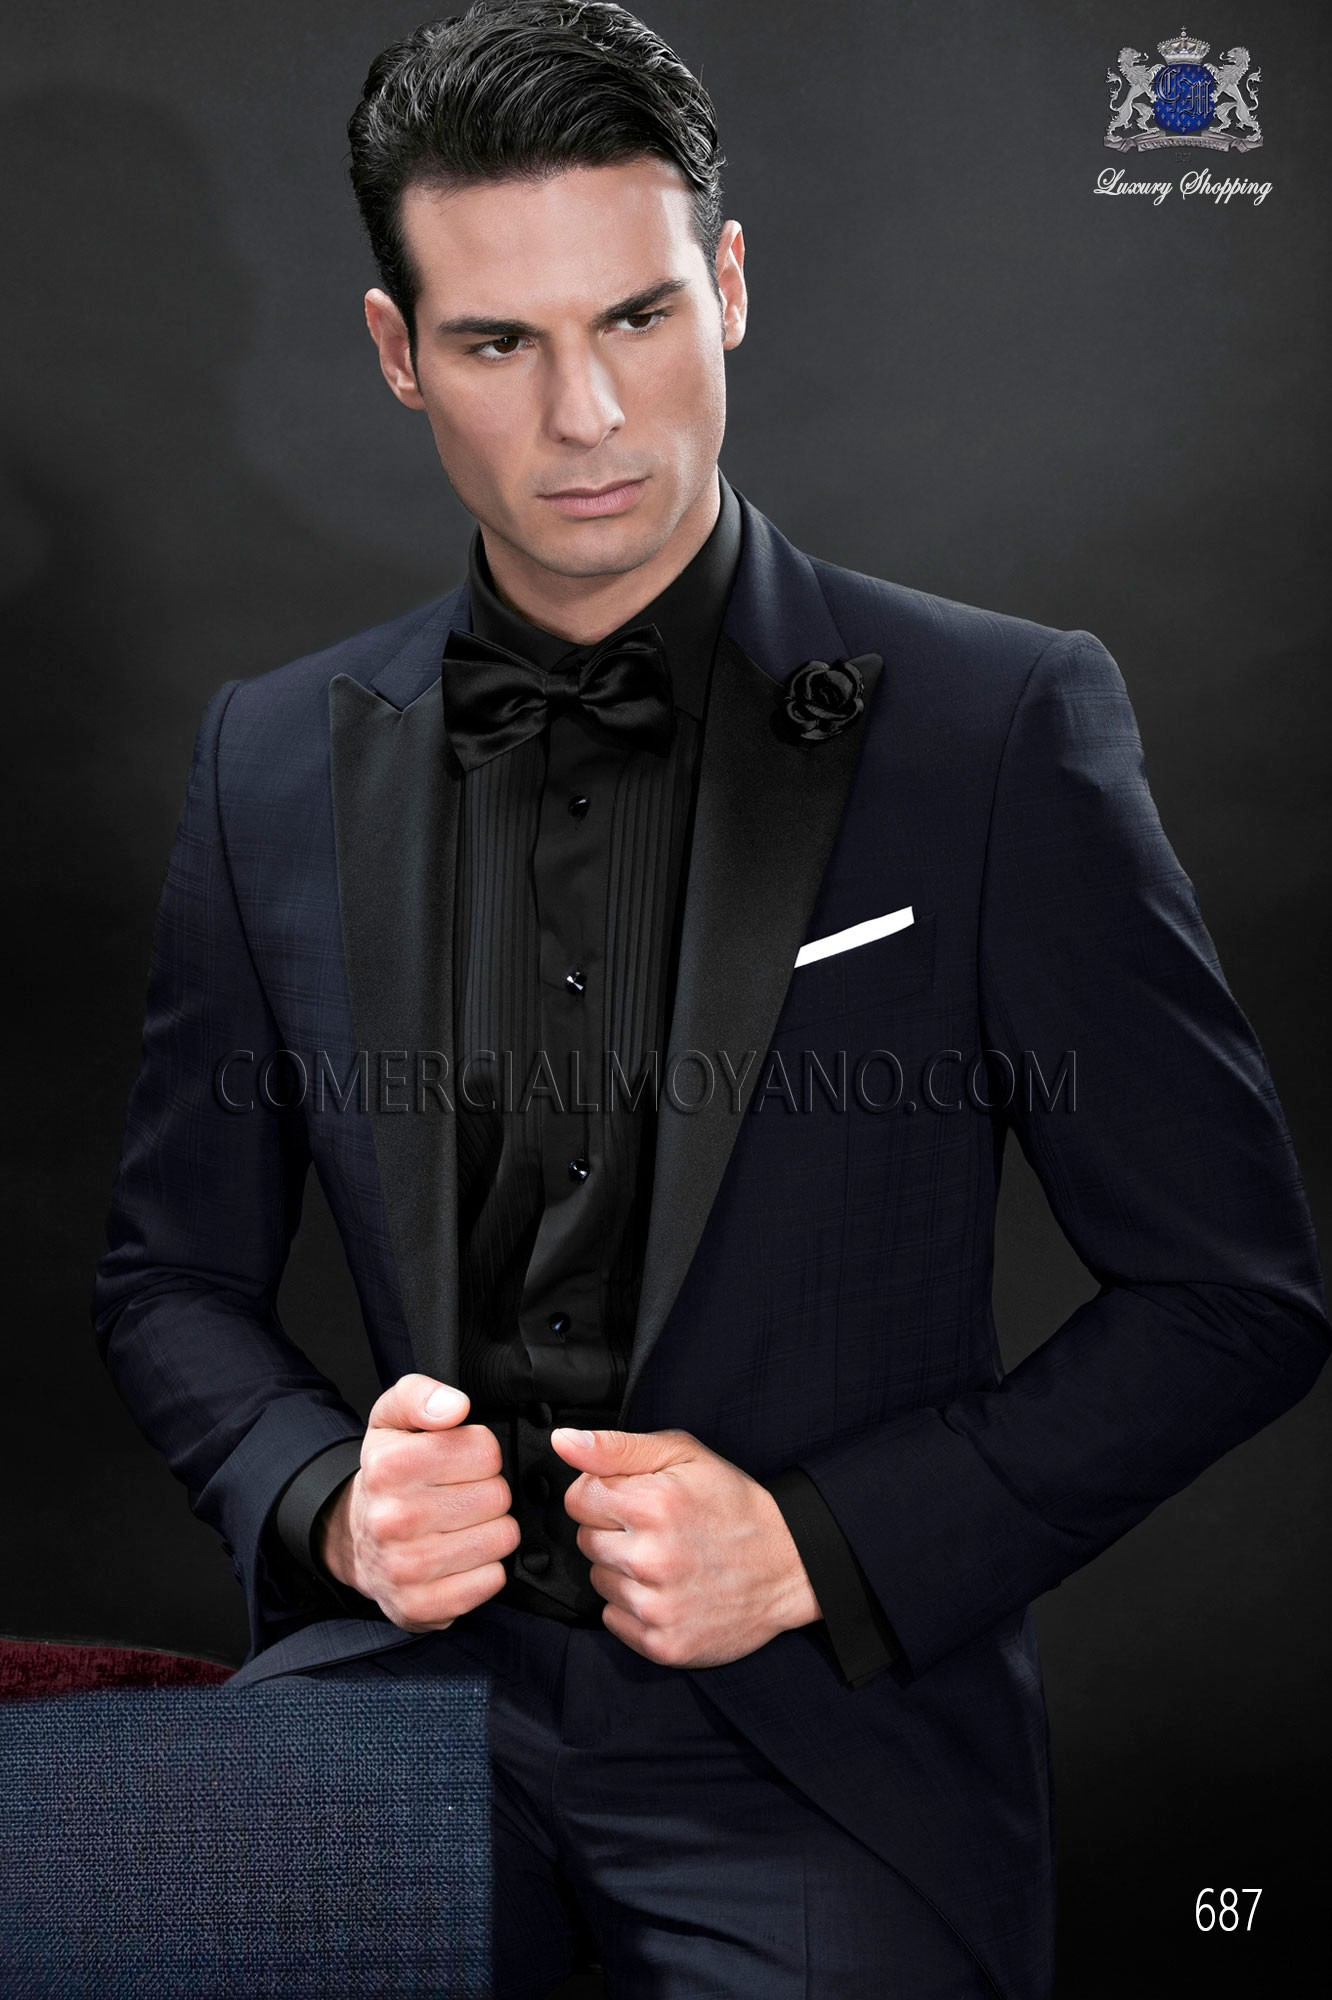 Traje de fiesta hombre azul modelo: 687 Ottavio Nuccio Gala colección Black Tie